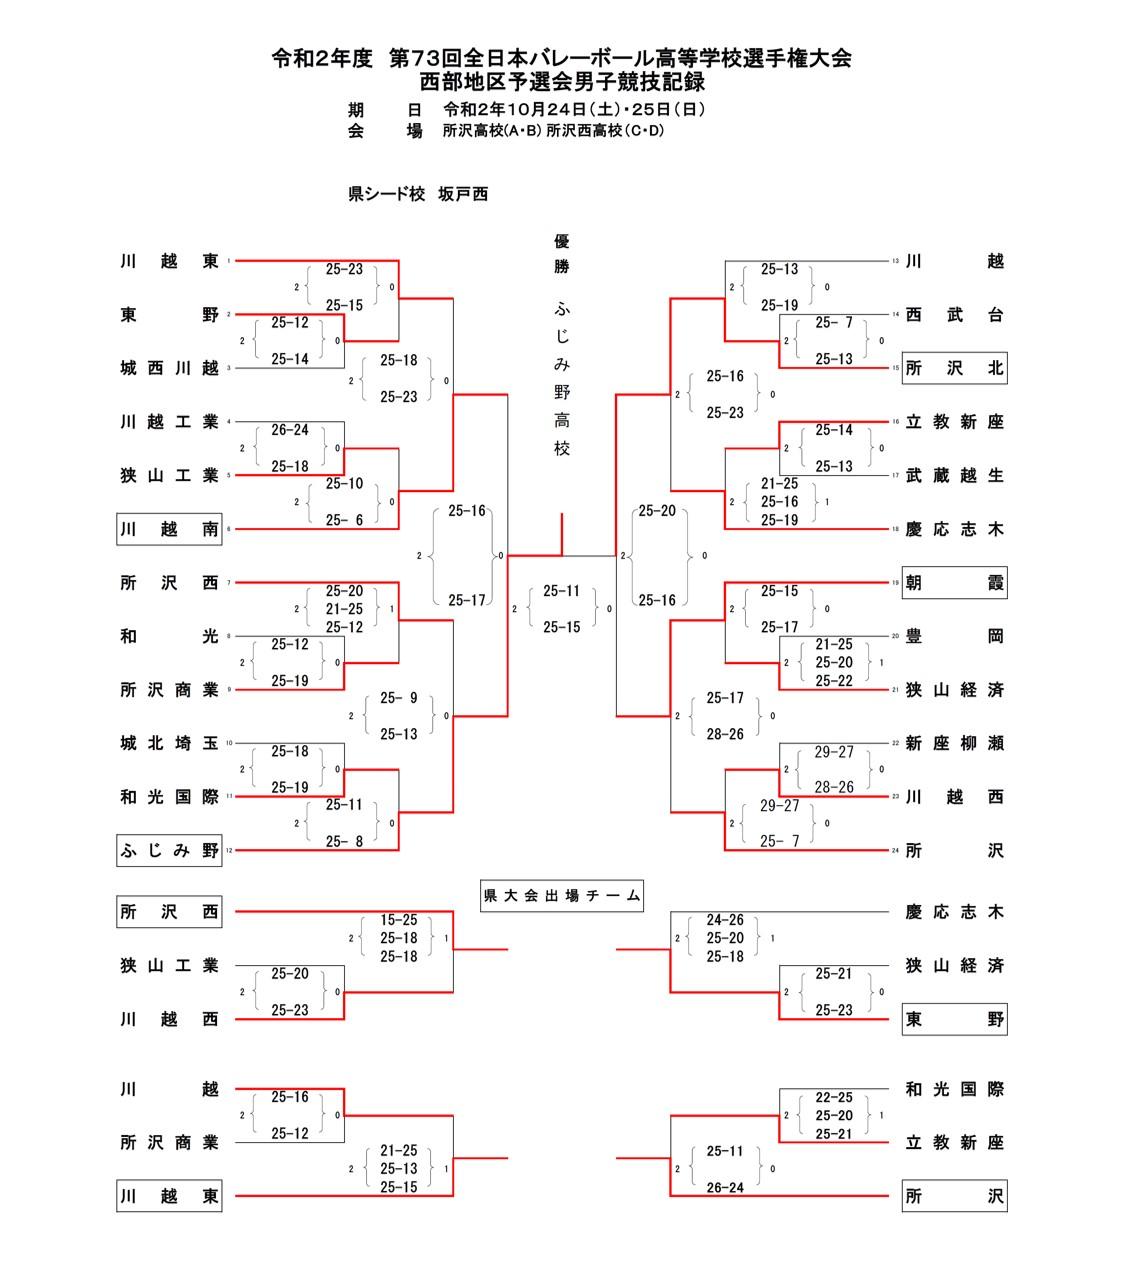 2021春高_埼玉県予選_西部地区_男子_最終結果